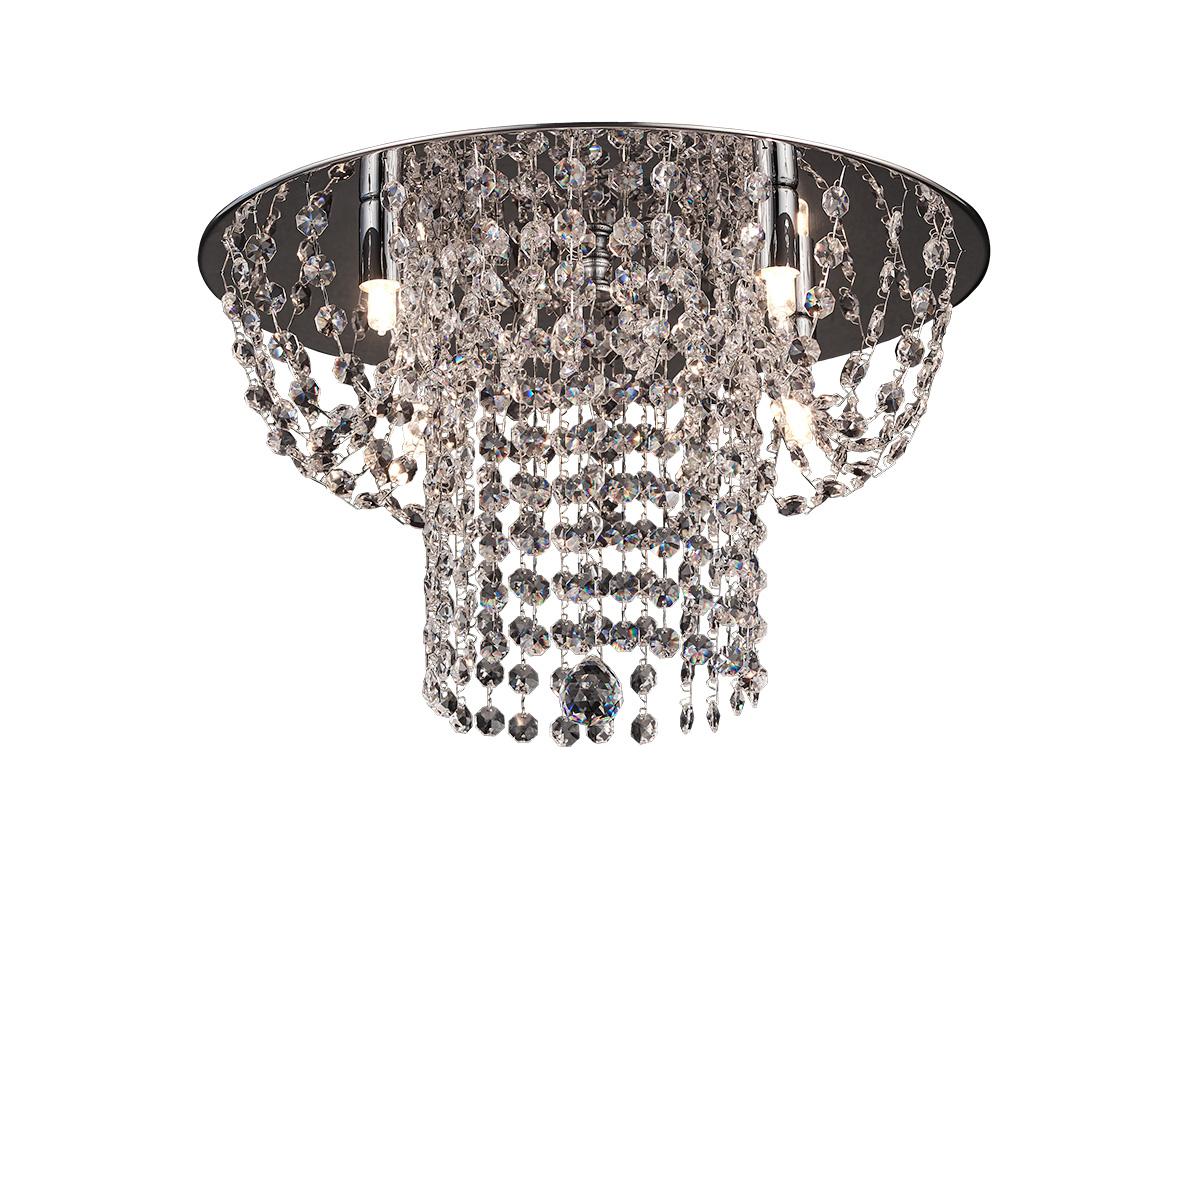 Μοντέρνο φωτιστικό οροφής με κρύσταλλα ΕΡΜΗΣ ceiling lamp with crystal accents